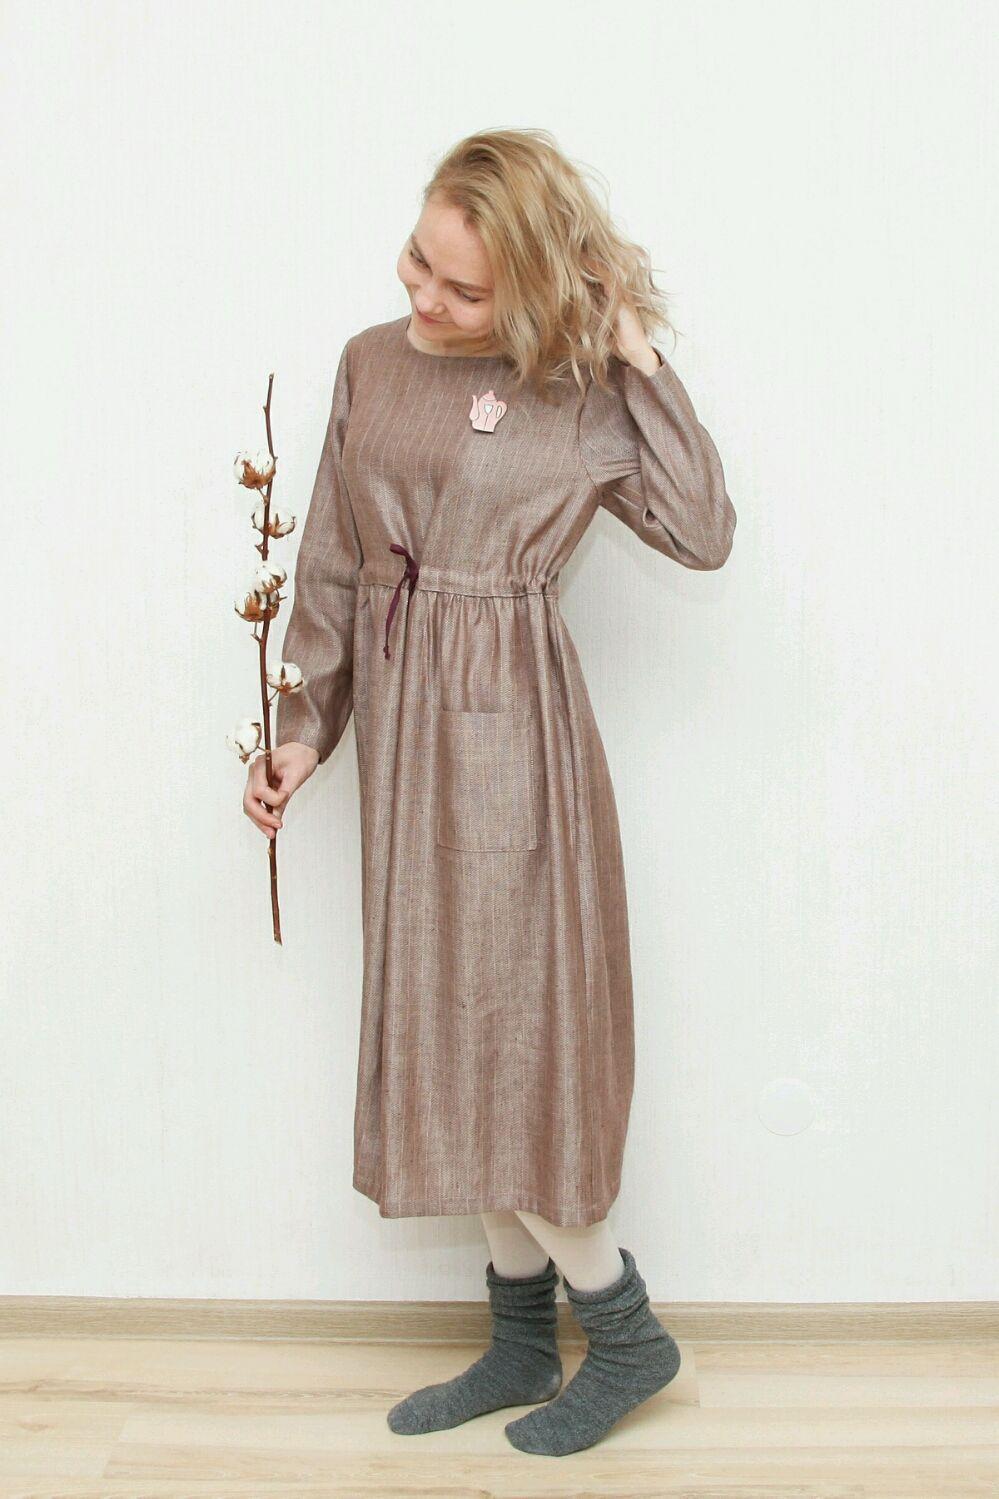 Платья ручной работы. Ярмарка Мастеров - ручная работа. Купить Полушерстяное платье Душевное. Handmade. Бежевый, теплое платье, льняной